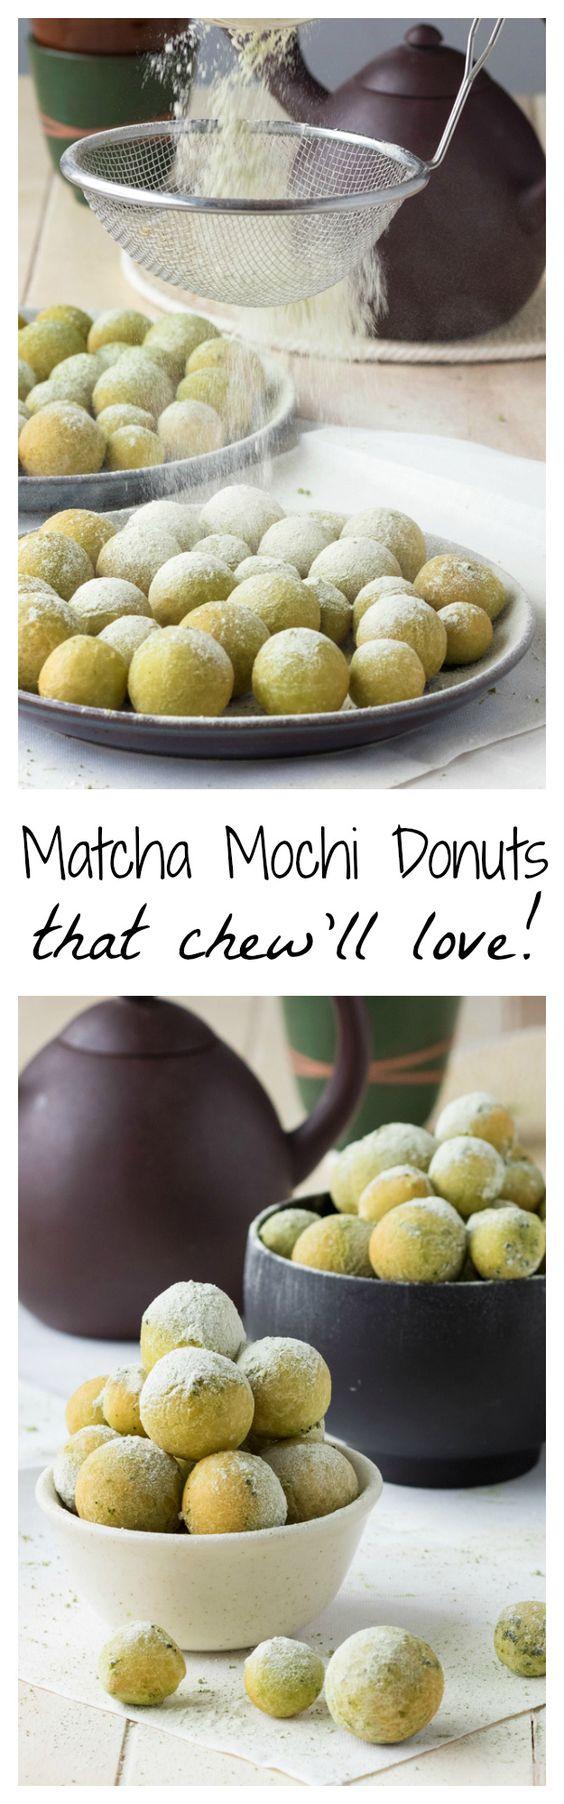 Matcha Mochi Donuts that chew'll love!  #japaneasy #matcha